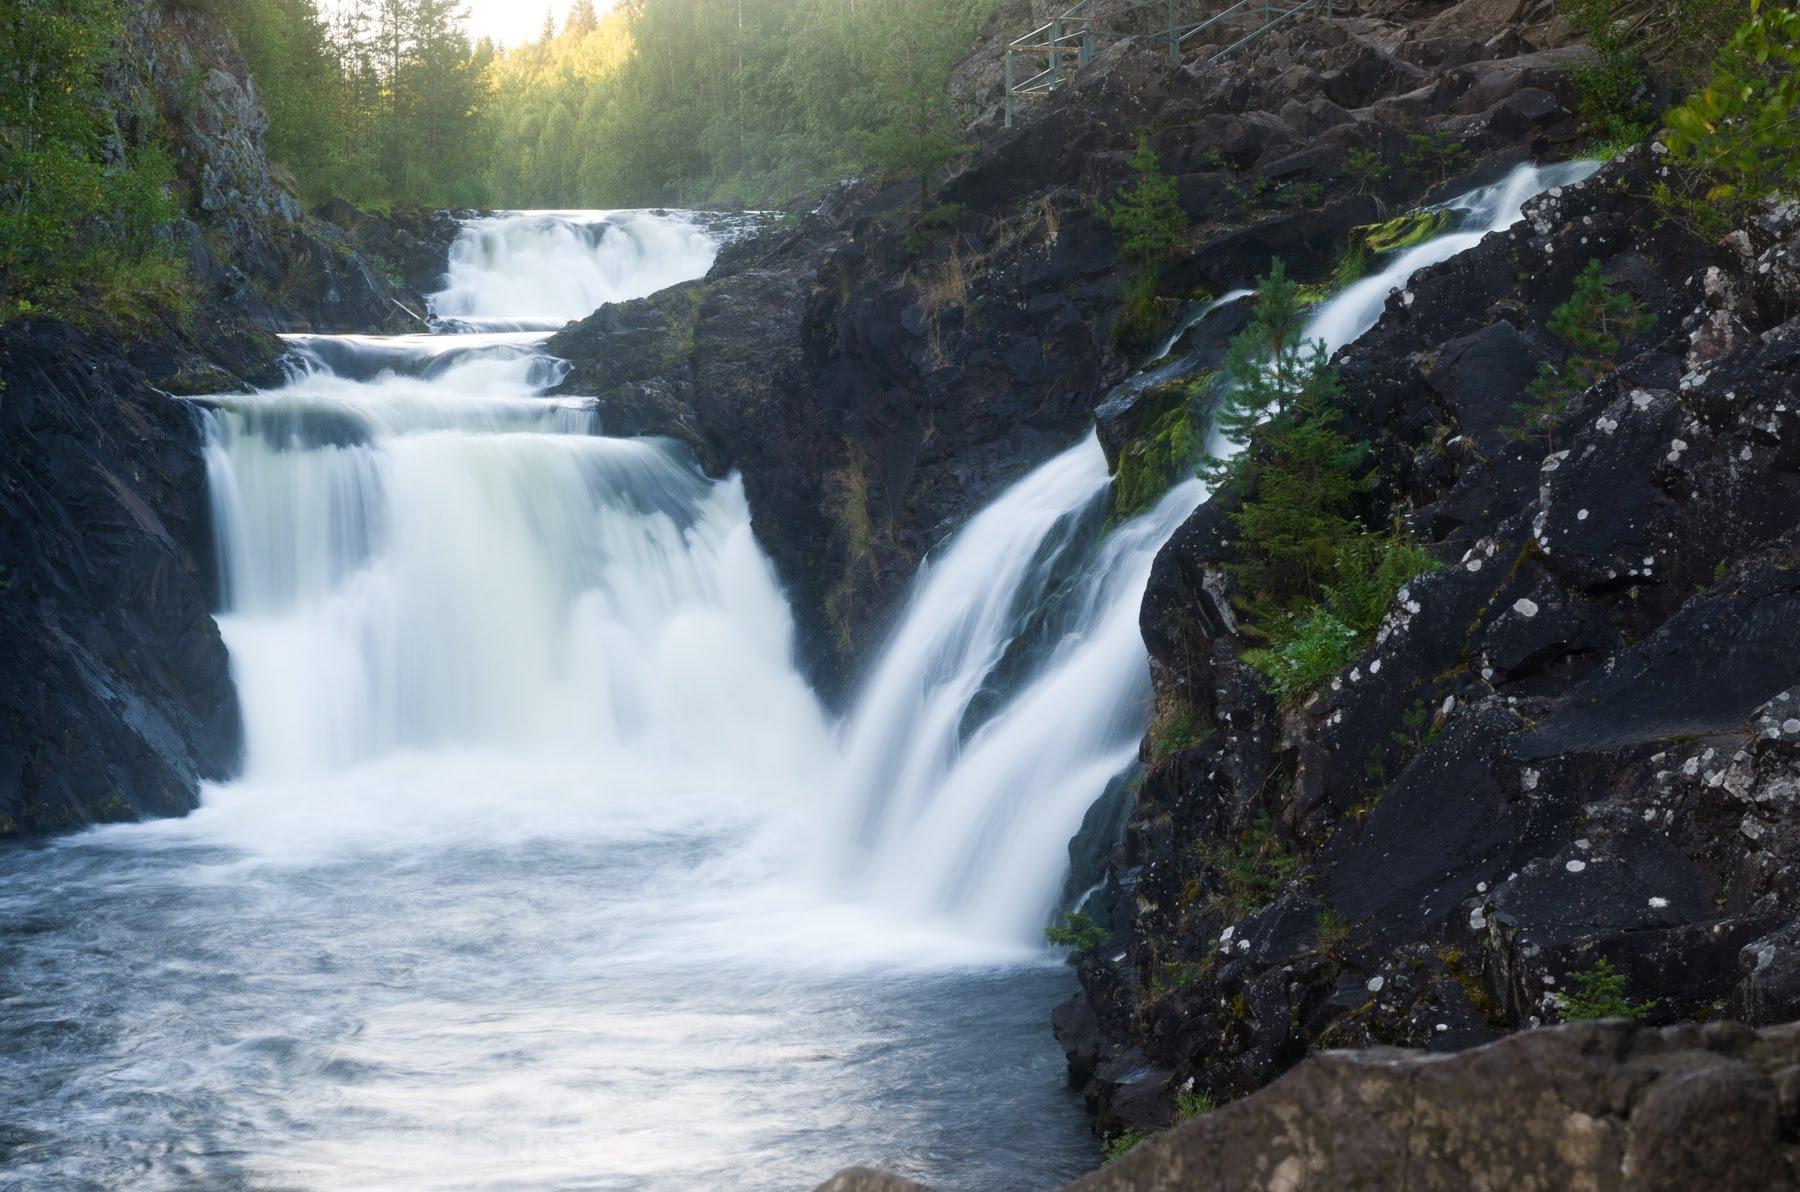 благосклонно приняли водопады россии фото с названиями усложняется только наличием